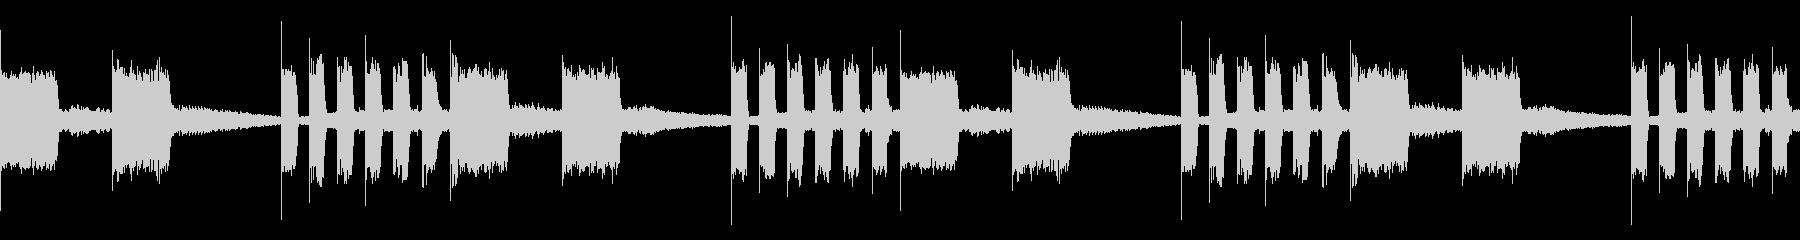 EDM レーザーサウンド ループの未再生の波形